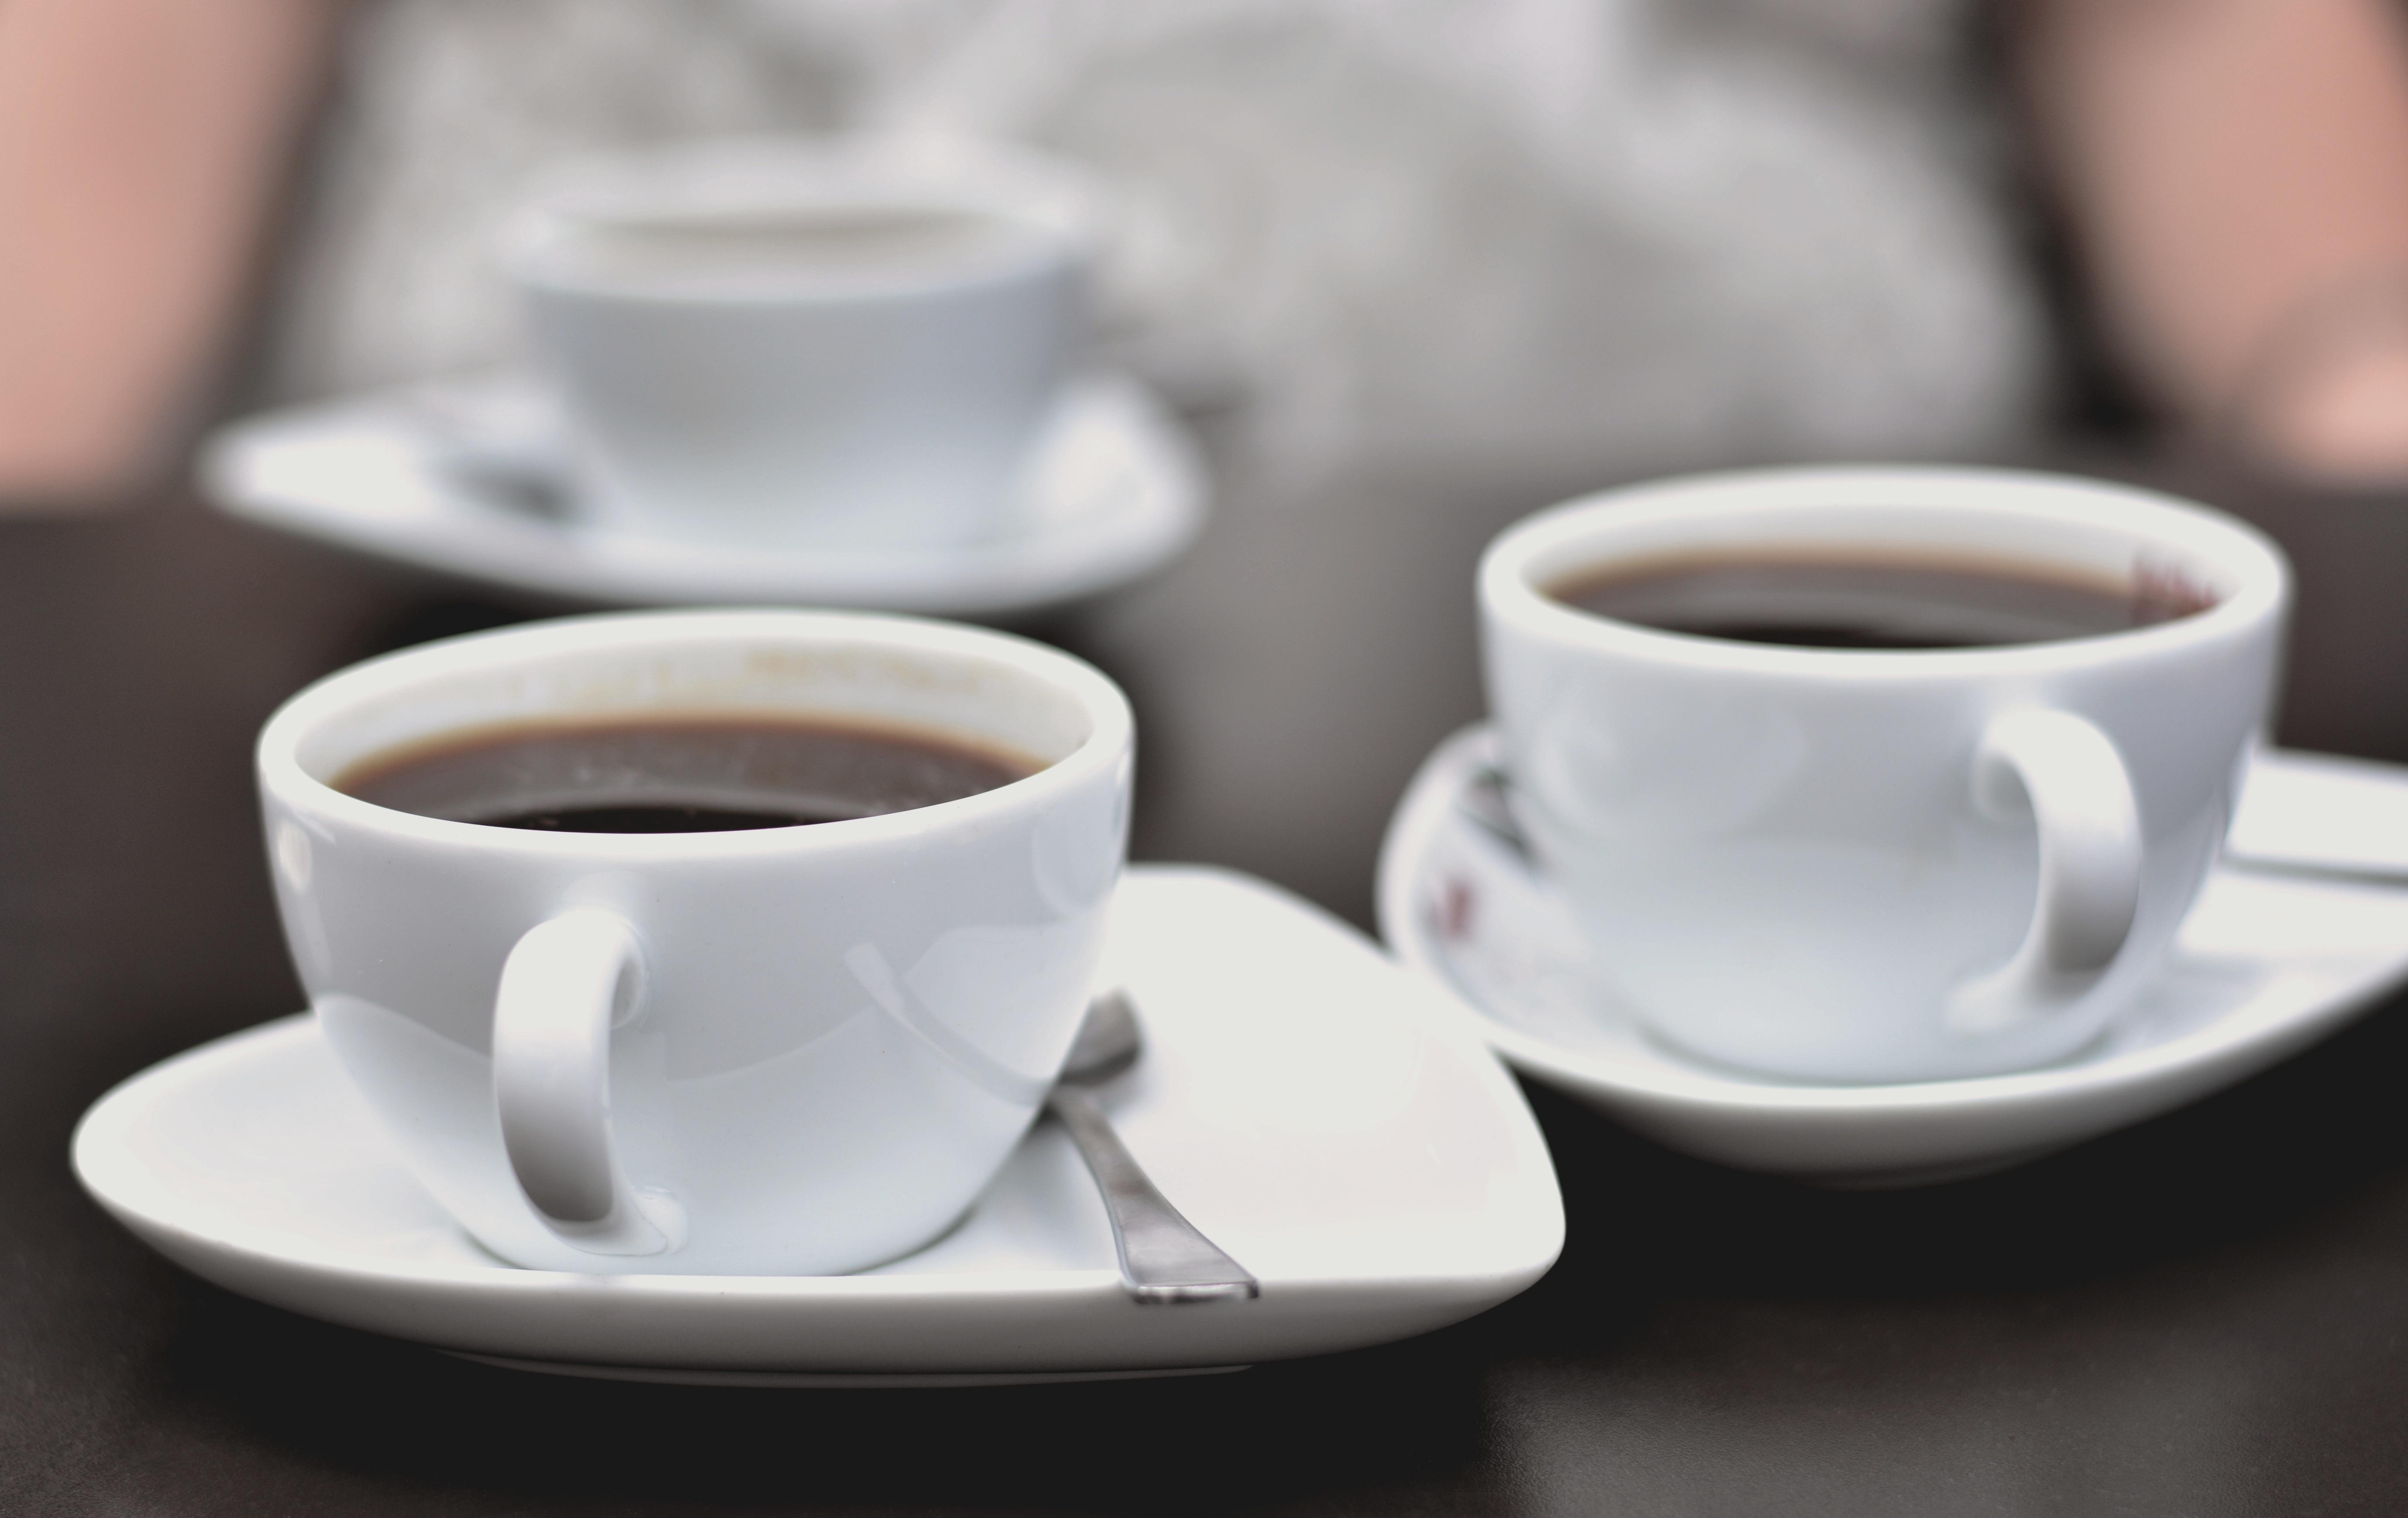 Koffie draagt juist bij aan gezondheid: wetenschap ziet geen gevaar meer in bakkie leut voor de gezondheid